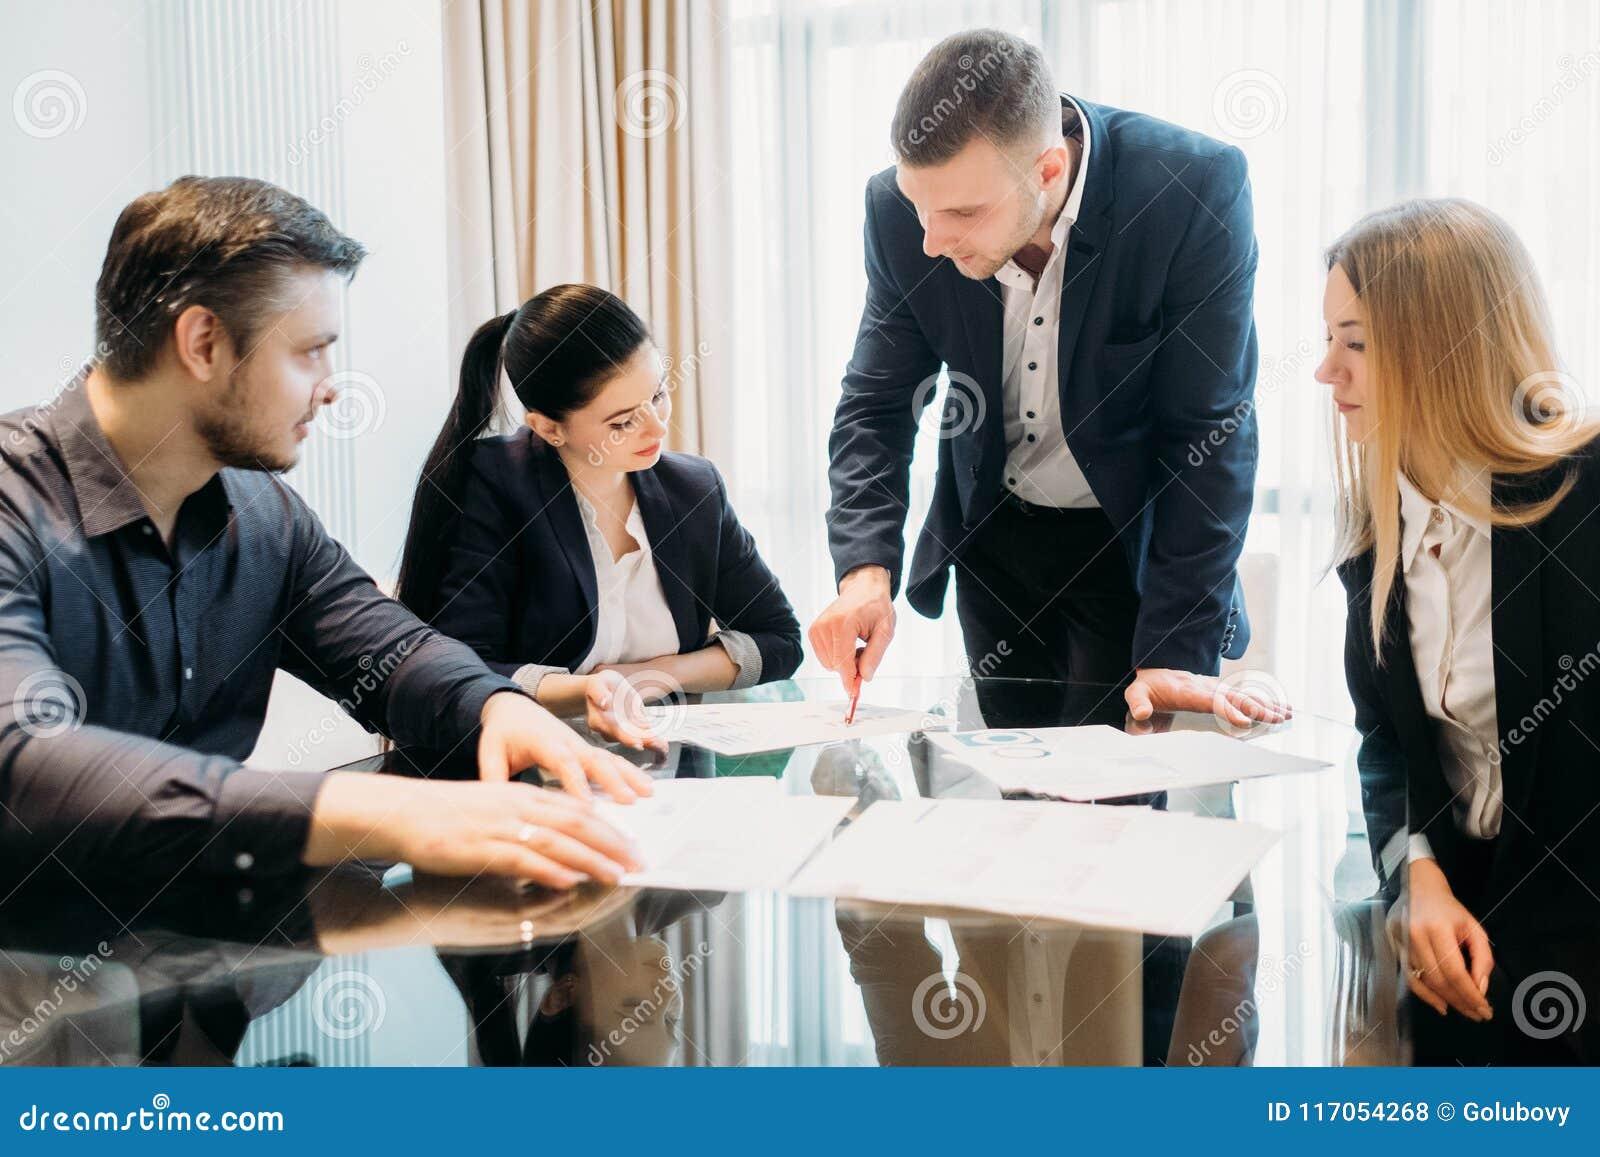 Business briefing leadership boss team board room